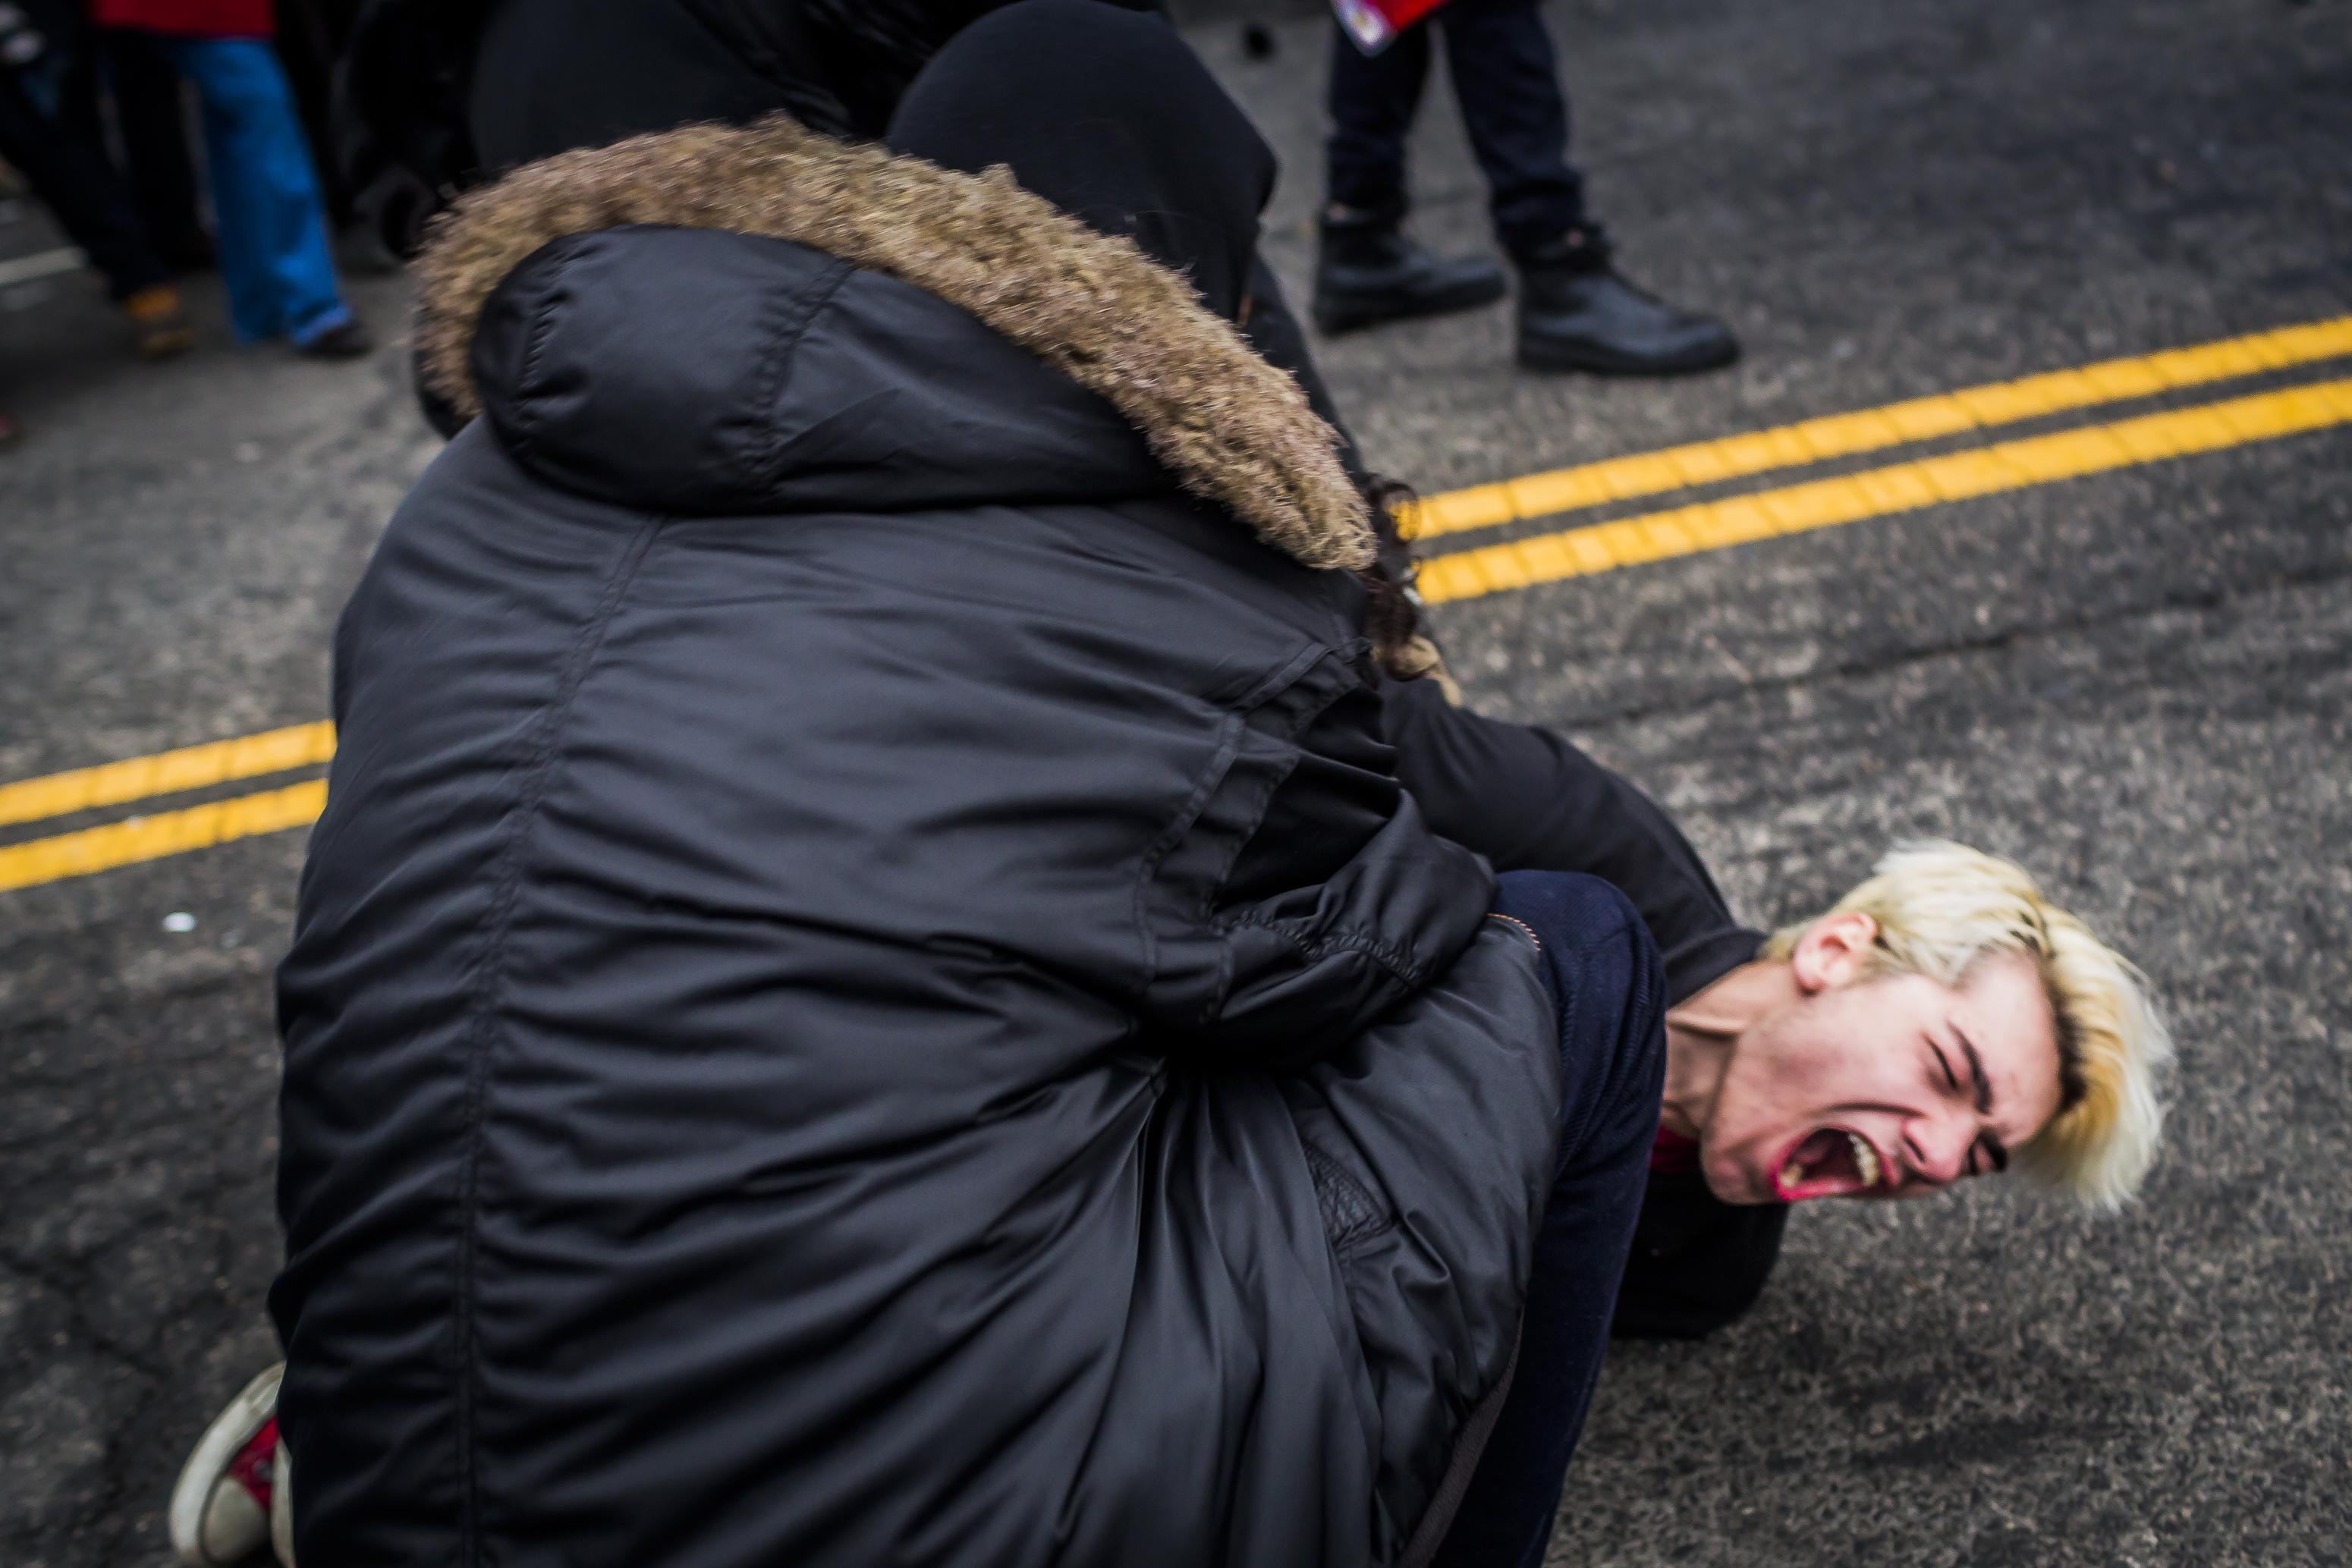 反川普遊行「跟戰場一樣」流血衝突不斷,抗議者被捕後恐面臨「10年監禁」!